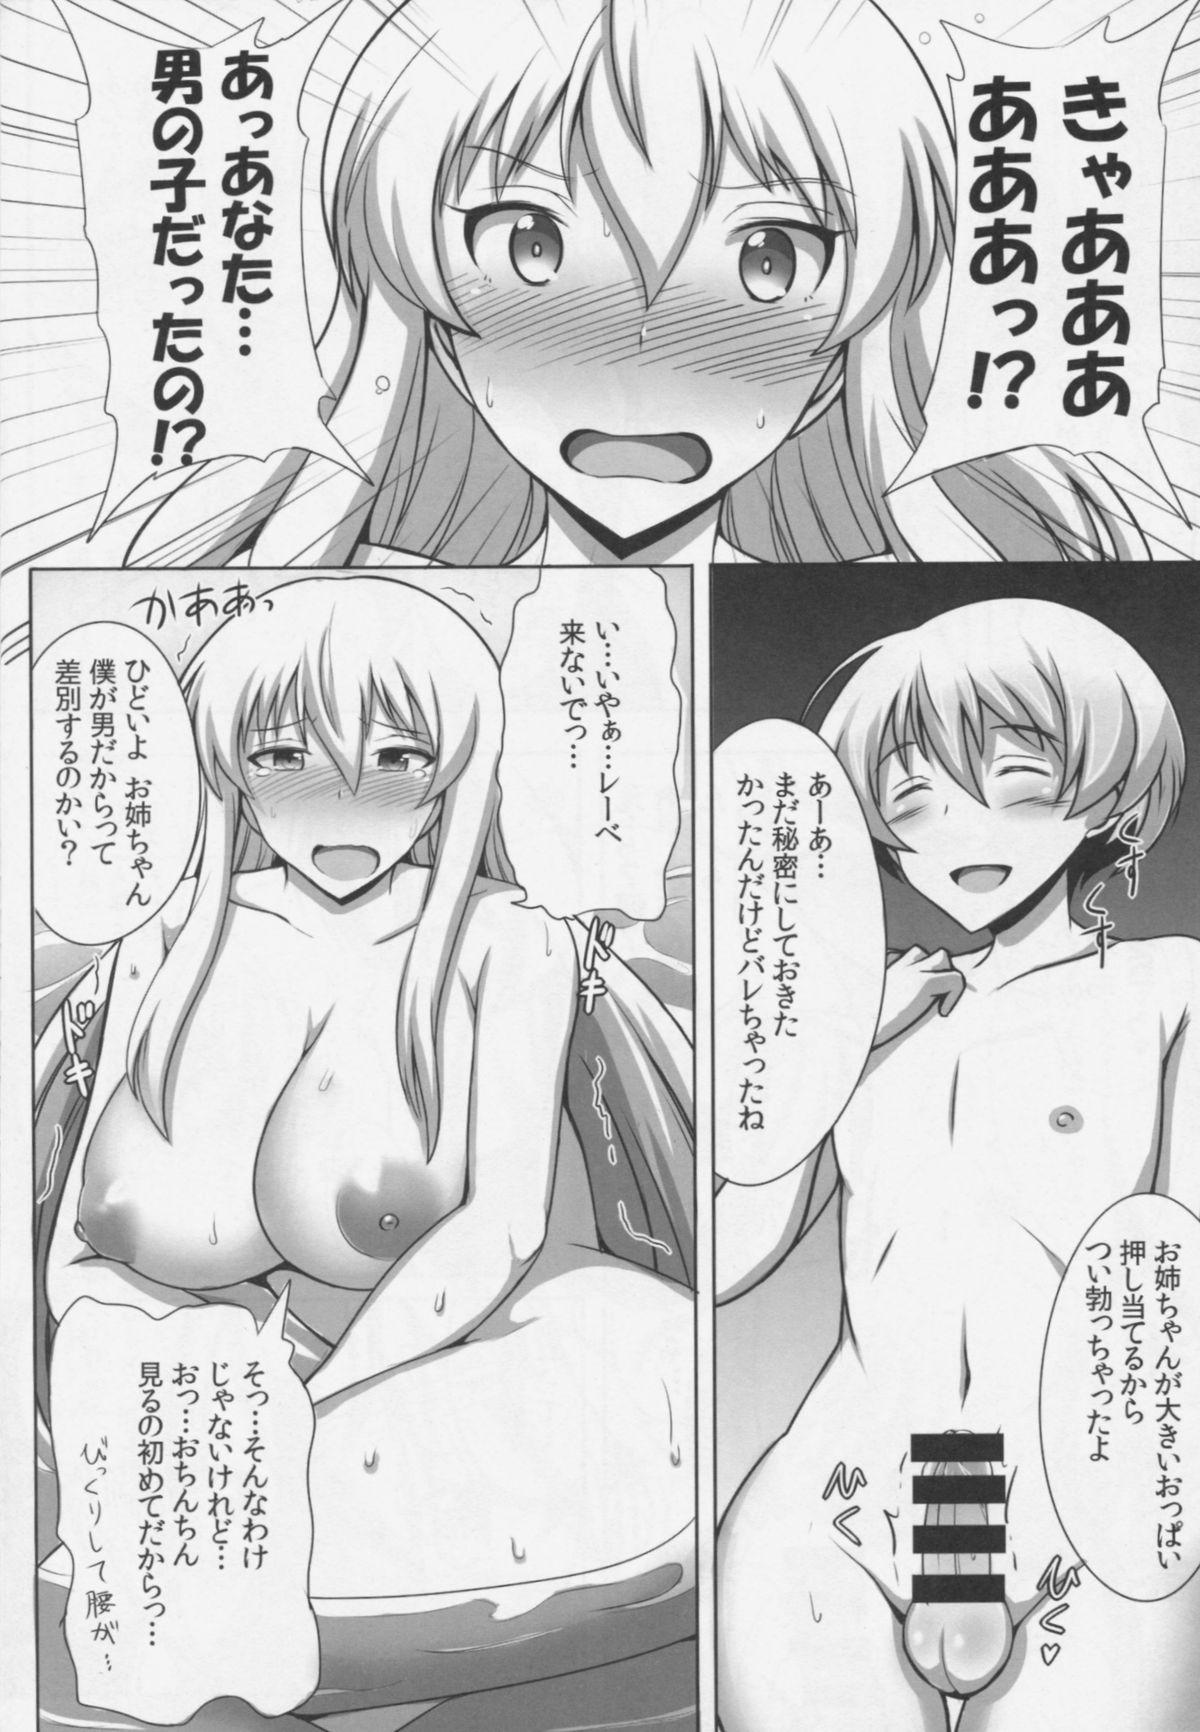 Doitsu Senkan wa Urotaenai 9